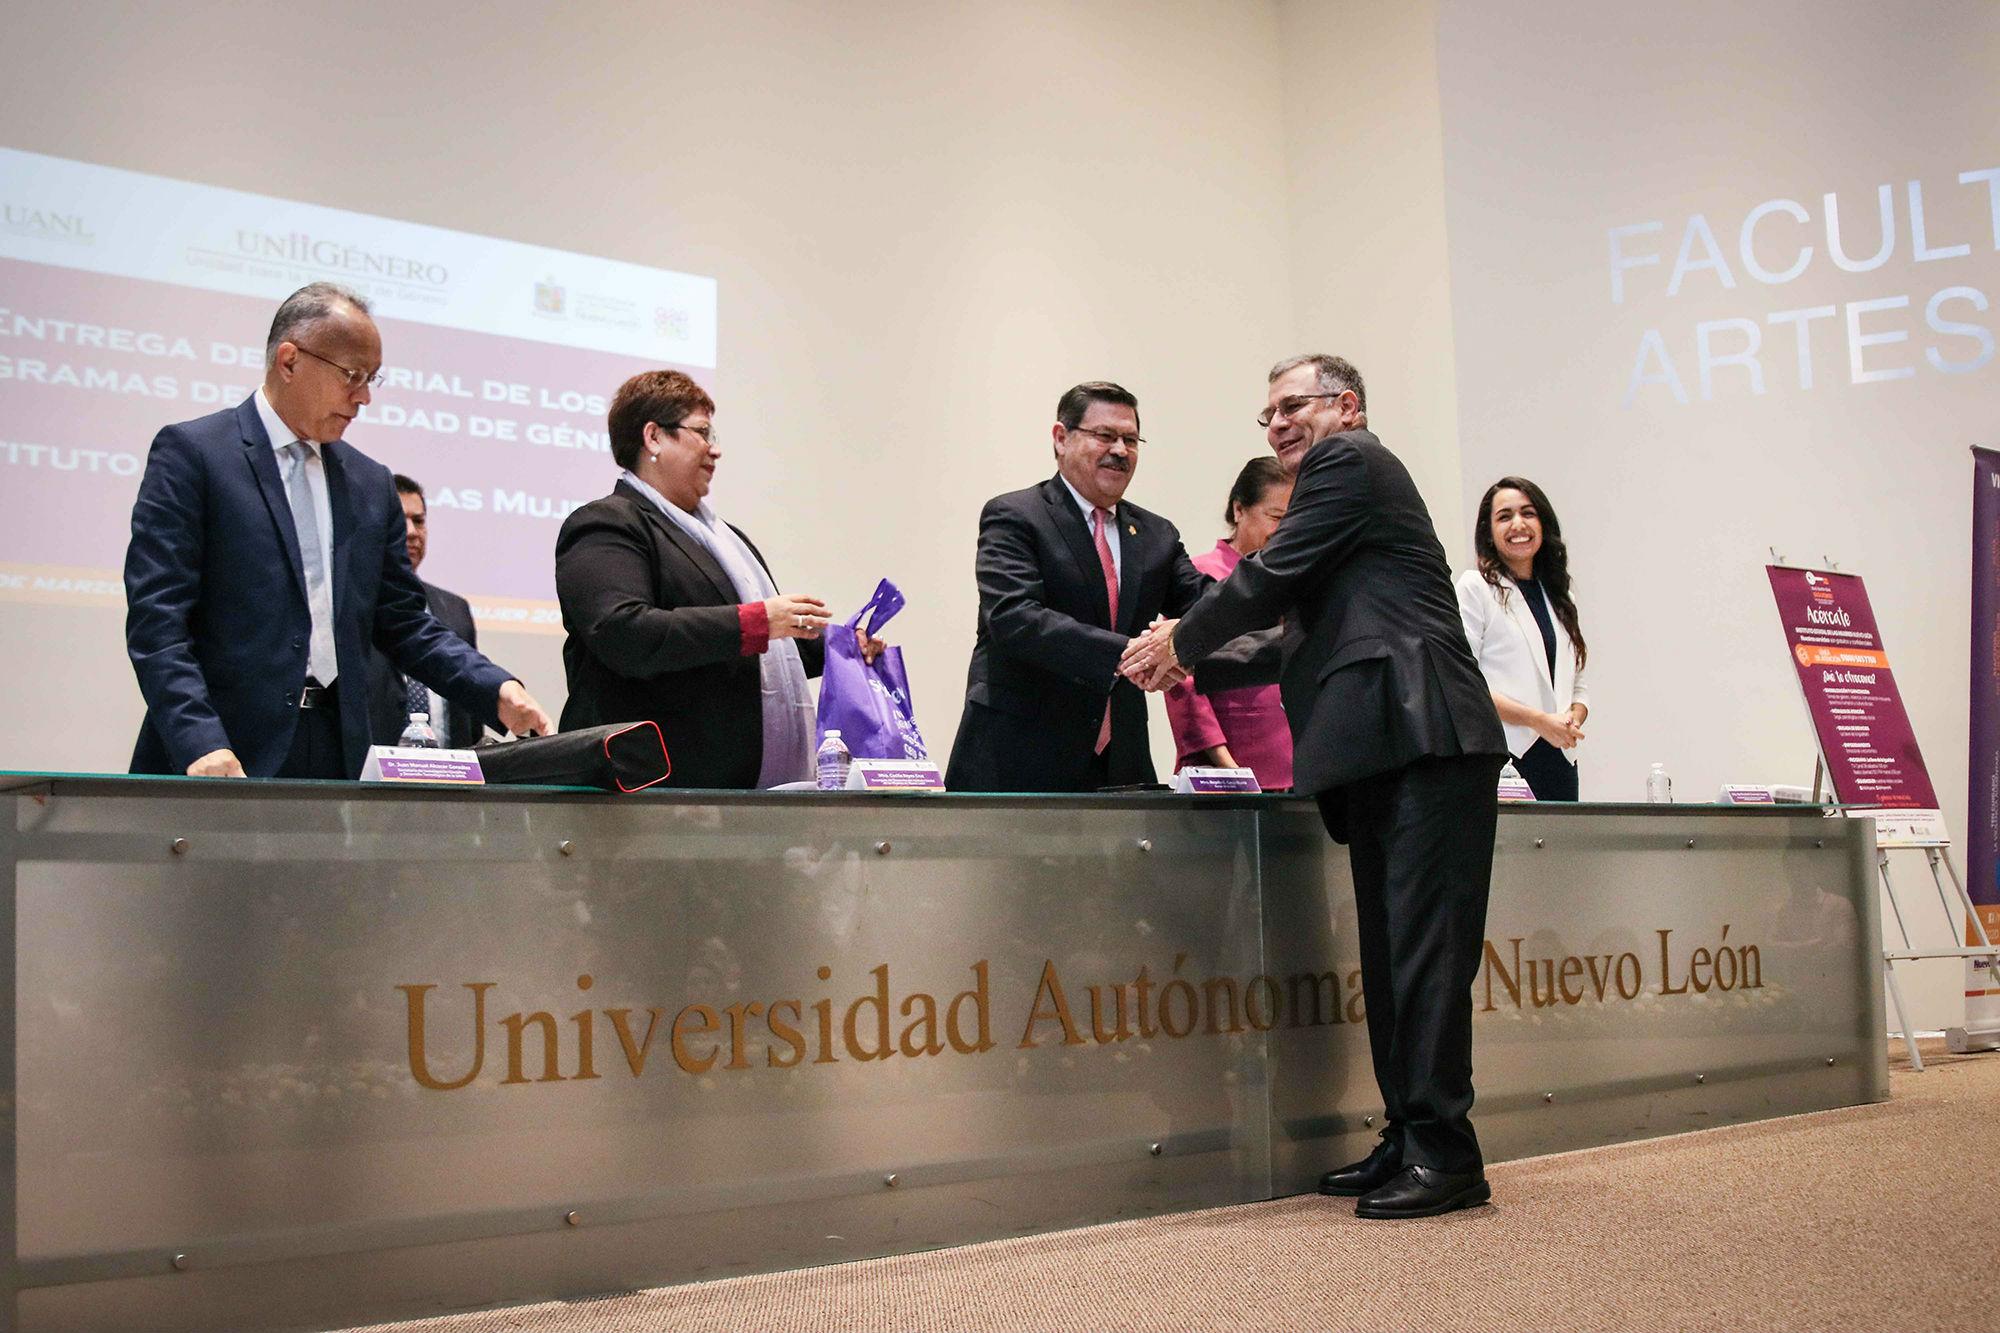 Humberto González Rodríguez, Director de la Facultad de Ciencias Forestales